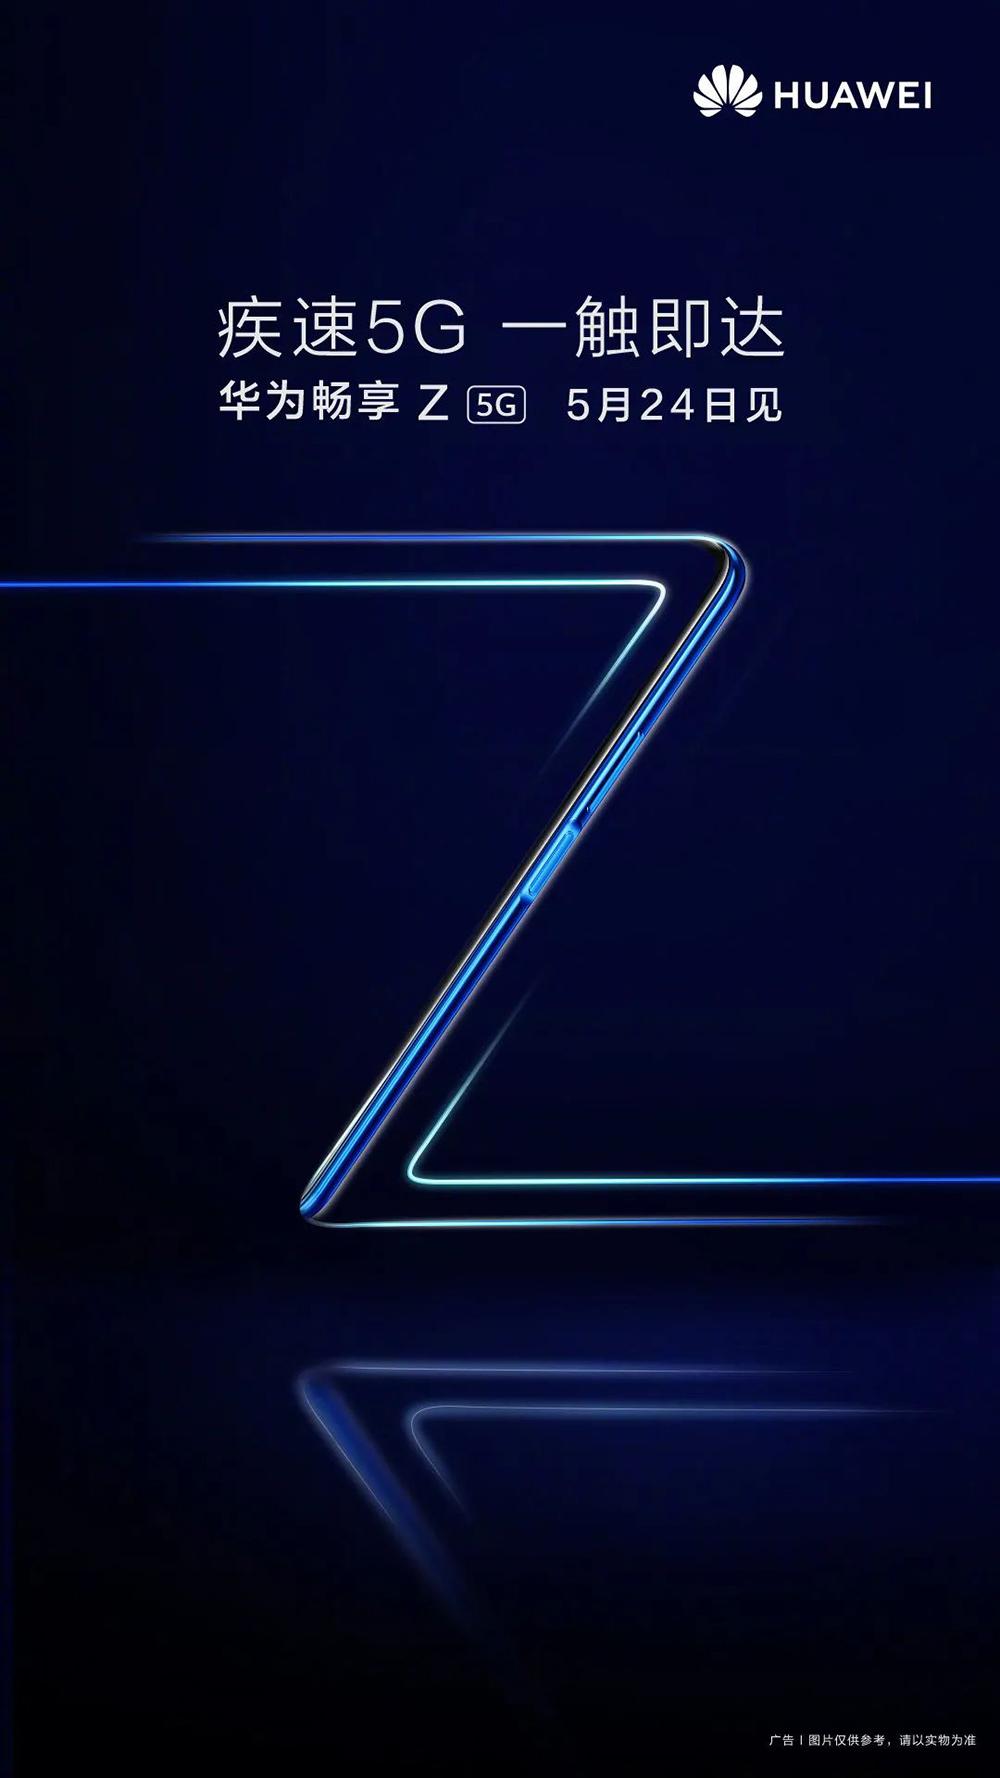 26张华为品牌产品海报设计